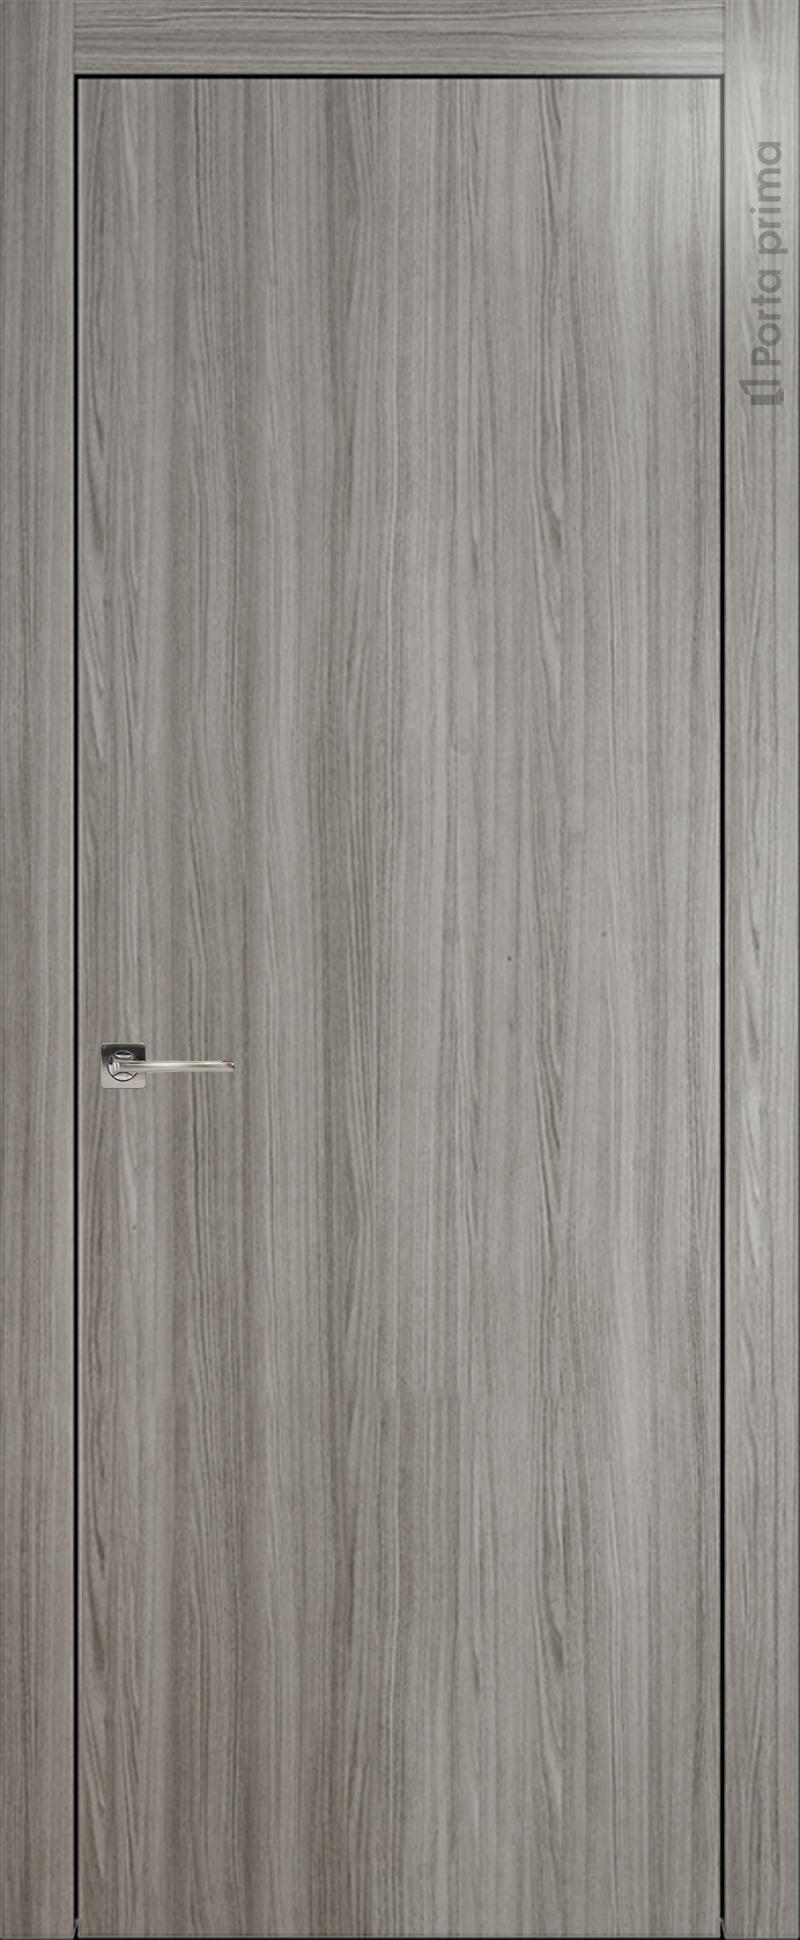 Tivoli А-1 цвет - Орех пепельный Без стекла (ДГ)